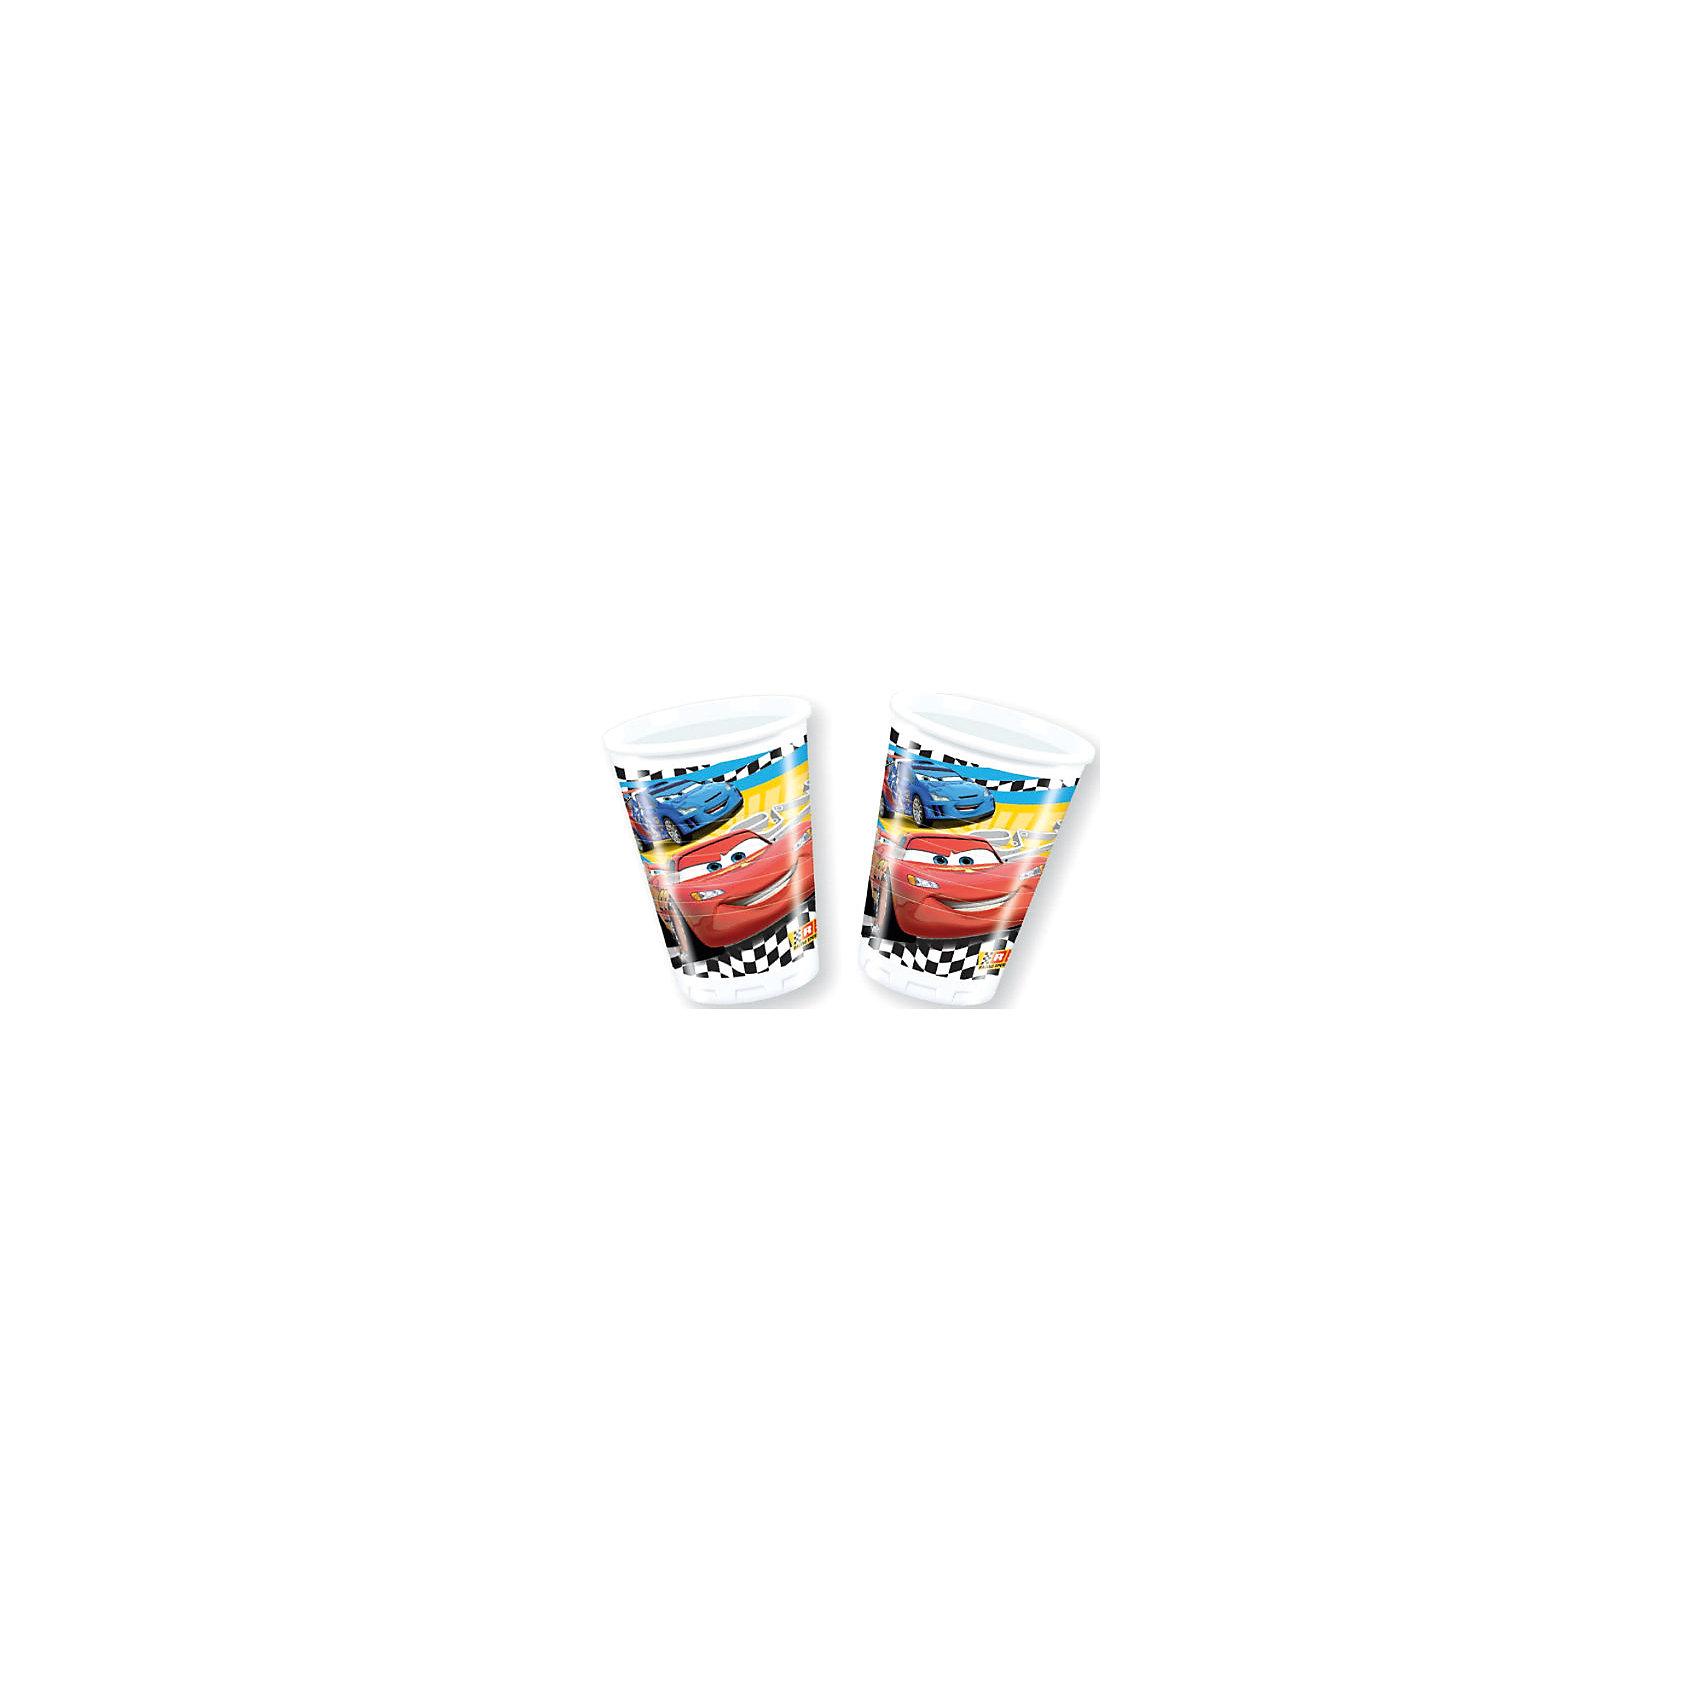 Стаканы пластиковые Тачки RSN 180 мл, 8 шт.Всё для праздника<br>Характеристики товара:<br><br>• возраст: от 3 лет;<br>• упаковка: пакет;<br>• размер упаковки: 7х7х13 см.;<br>• количество стаканов: 8 шт.;<br>• емкость стакана: 180 мл.;<br>• цвет: белый с рисунком;<br>• состав: пластик 100%;<br>• бренд, страна: Procos, Россия;<br>• страна-производитель: Греция.<br><br>Стаканы пластиковые «Тачки RSN» - этот детский набор из 8 стаканов с изображением известной гоночной машинки Молнии МакВин сделает торжество Вашего ребенка еще интересней, увлекательней и веселей. Детям очень важна атмосфера во время праздника, в том числе и оформление.<br><br>Стаканы от греческого бренда Procos, который на протяжении многих лет производит качественные товары для детского праздника, изготовлены из безопасного пластика, безвредного для детского здоровья.<br><br>Стаканы пластиковые «Тачки RSN», 180 мл., 8 шт., Procos (Прокос)  можно купить в нашем интернет-магазине.<br><br>Ширина мм: 70<br>Глубина мм: 70<br>Высота мм: 125<br>Вес г: 5<br>Возраст от месяцев: 36<br>Возраст до месяцев: 120<br>Пол: Мужской<br>Возраст: Детский<br>SKU: 6914342